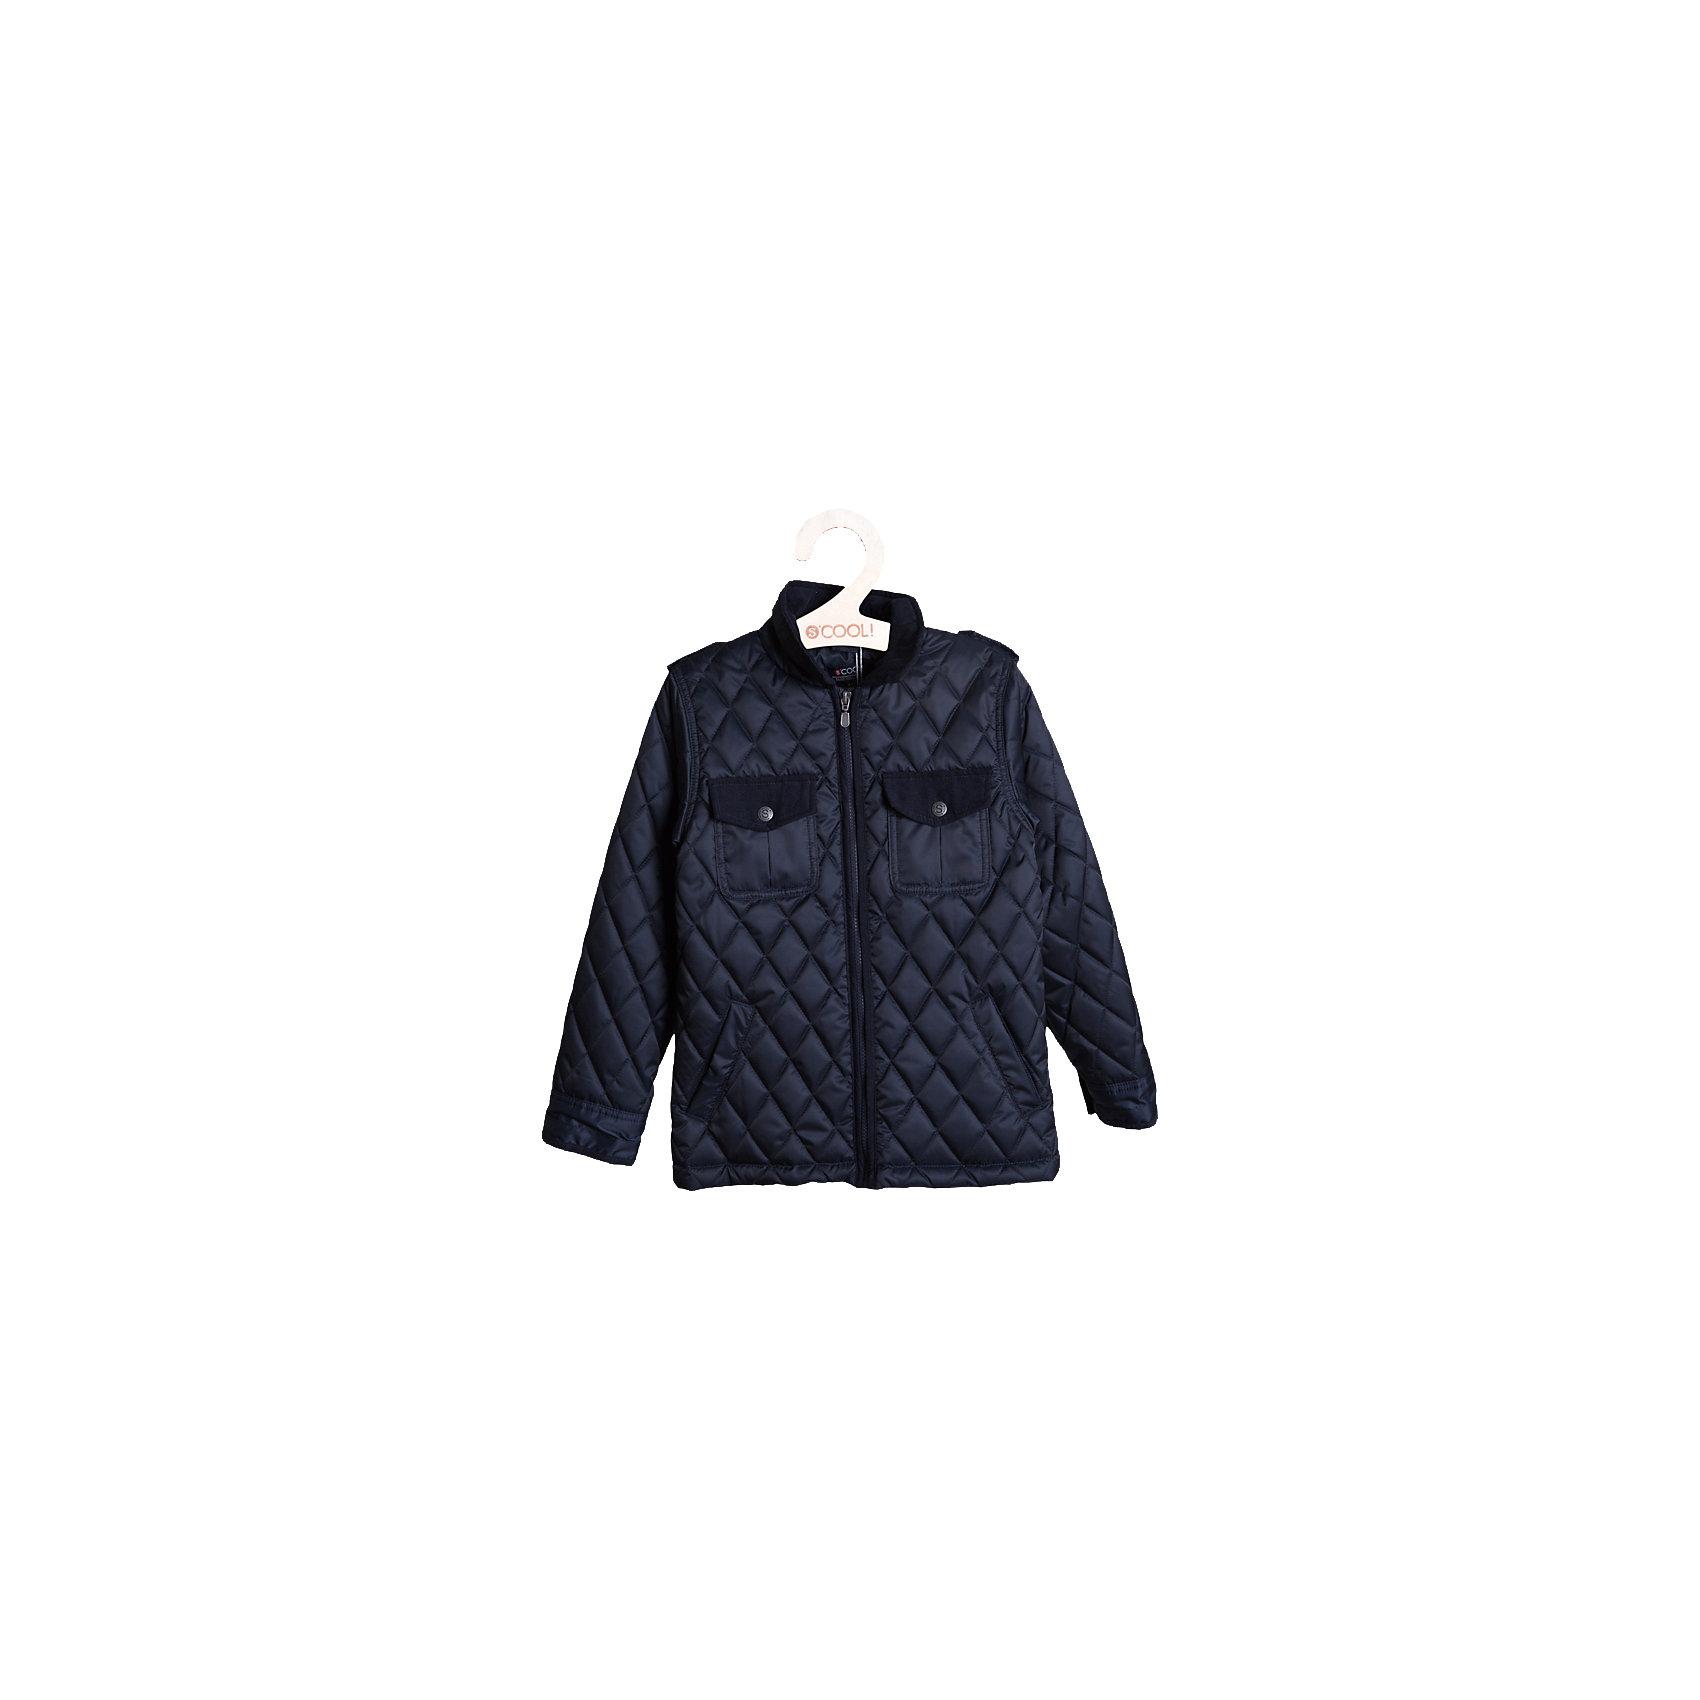 Куртка для мальчика ScoolКуртка для мальчика от известной марки Scool.<br>* теплая куртка из плащёвой ткани<br>* водоотталкивающая ткань<br>* застежка - молния <br>* два прорезных кармана<br><br><br>Состав:<br>Верх: 100% полиамид, подкладка: 100% полиэстер, наполнитель: 100% полиэстер<br><br>Ширина мм: 356<br>Глубина мм: 10<br>Высота мм: 245<br>Вес г: 519<br>Цвет: синий<br>Возраст от месяцев: 144<br>Возраст до месяцев: 156<br>Пол: Мужской<br>Возраст: Детский<br>Размер: 146,158,164,134,128,140,152<br>SKU: 4140493